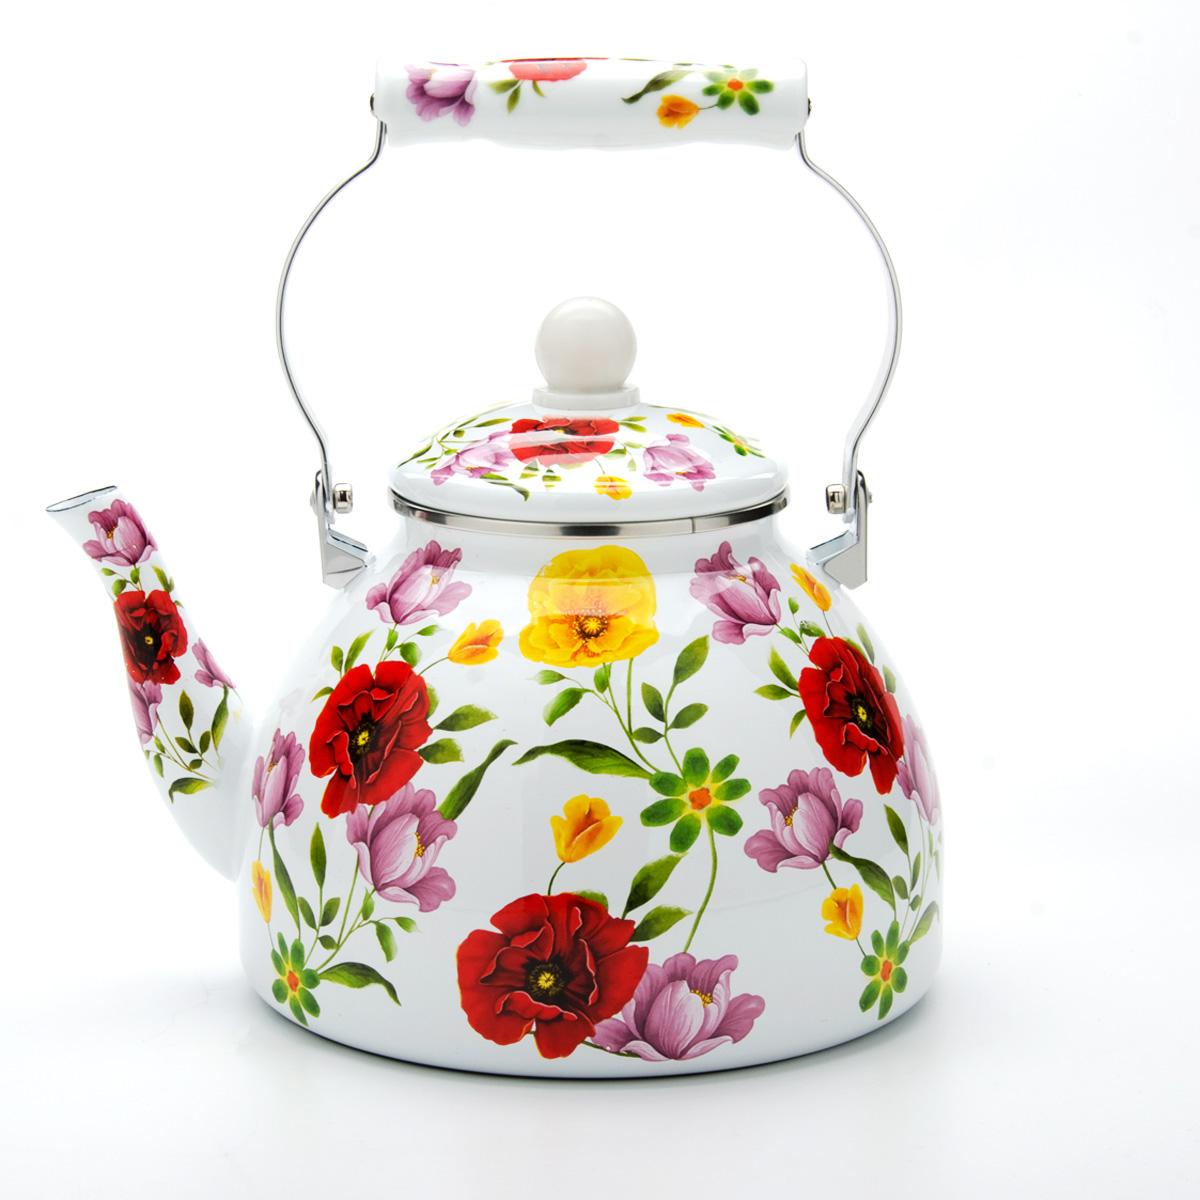 Чайник эмалированный Mayer & Boch, цвет: белый, 4 л. 23859 чайник mayer & boch цвет стальной бирюзовый золотой 4 л 1046a